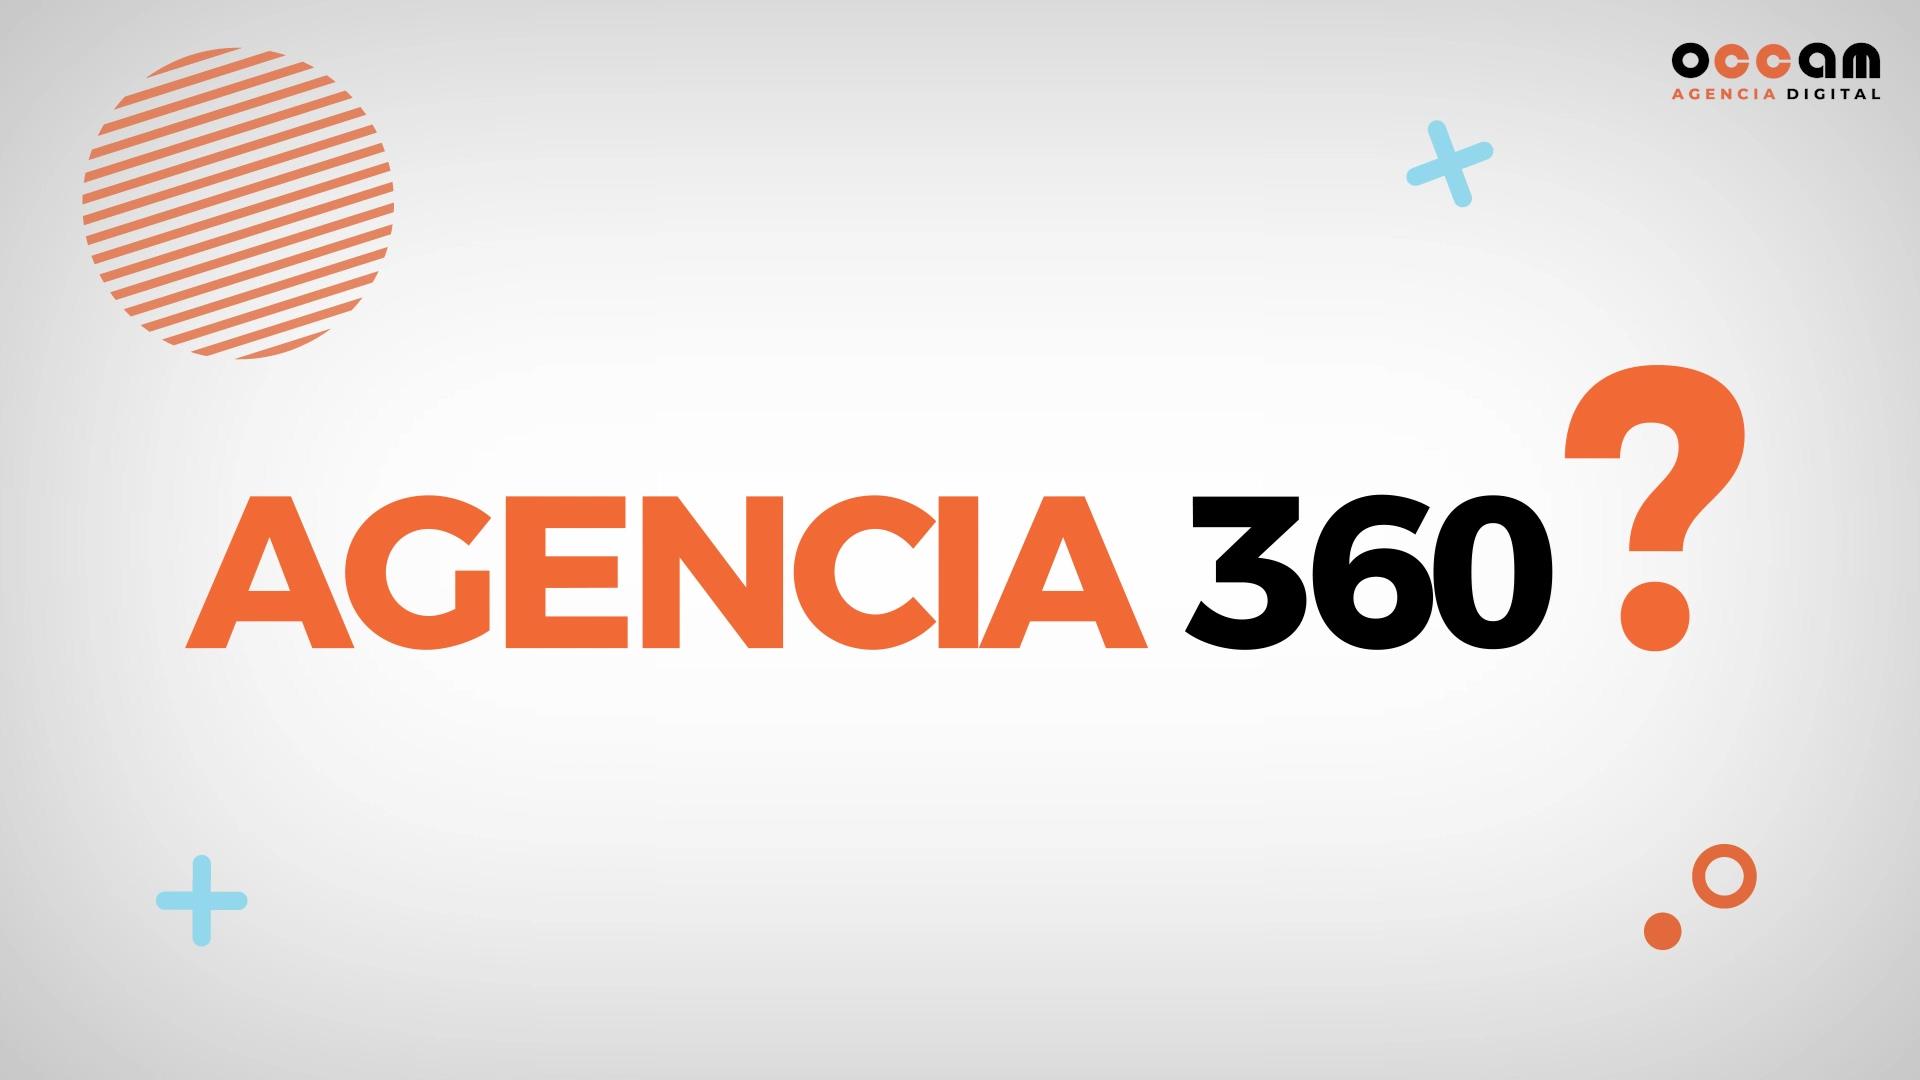 Occam Agencia Digital. Somos